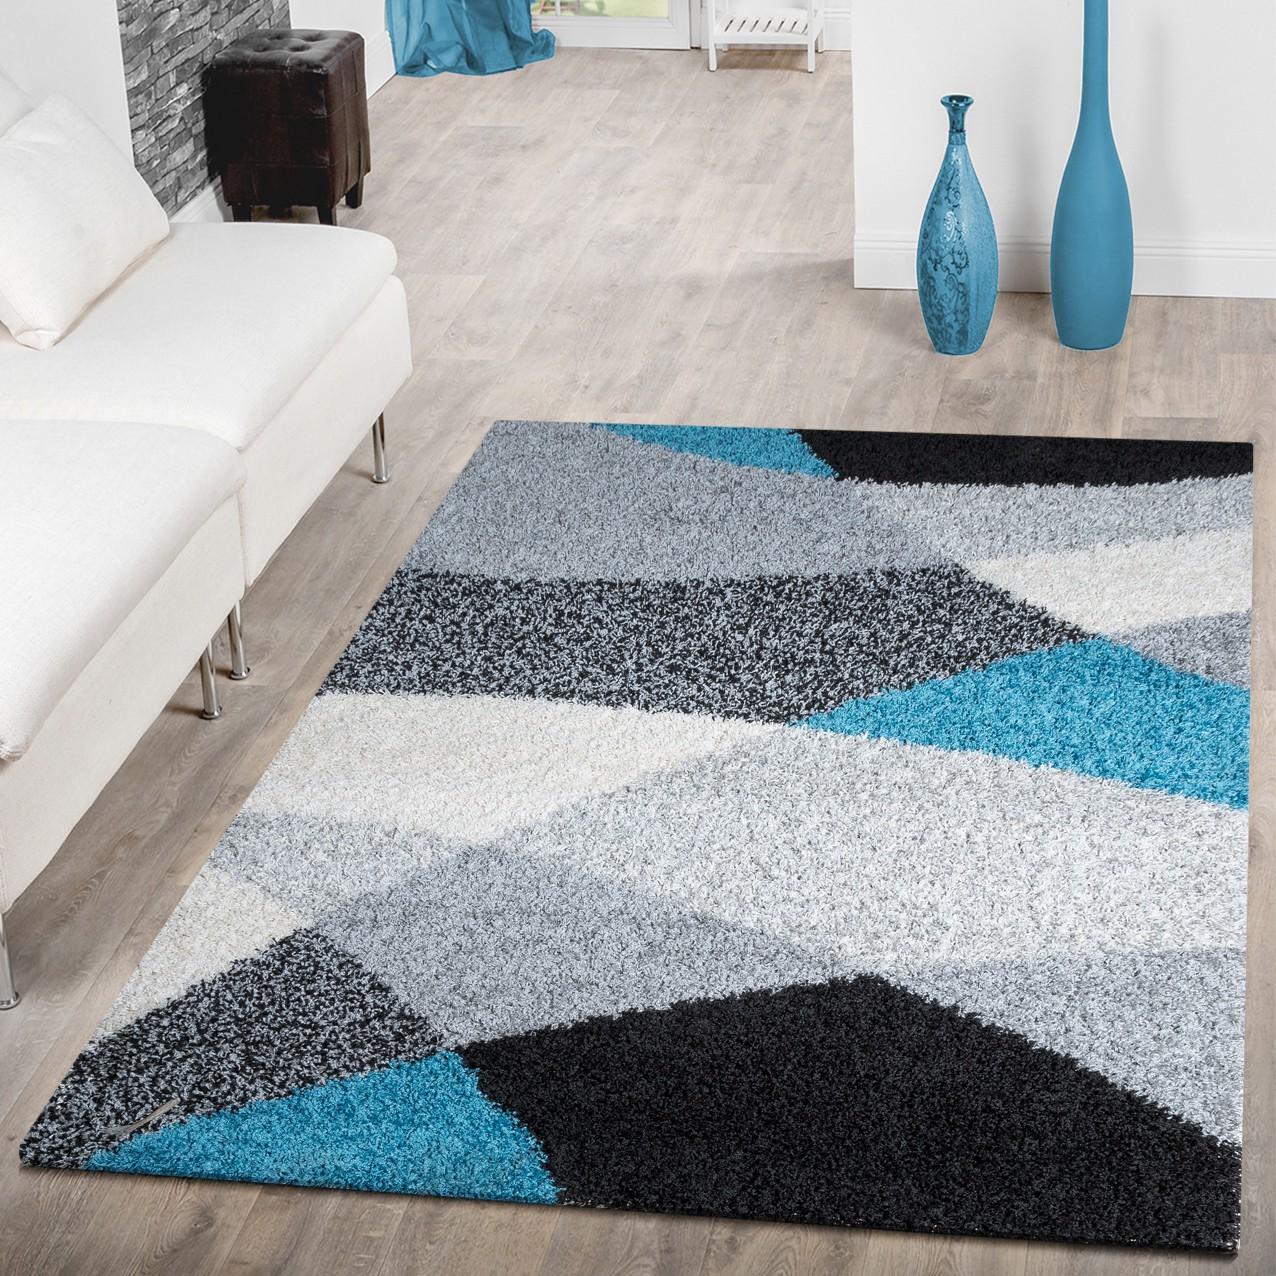 moderner hochflor teppich shaggy vigo gemustert in schwarz grau wei t rkis top preis hochflor. Black Bedroom Furniture Sets. Home Design Ideas